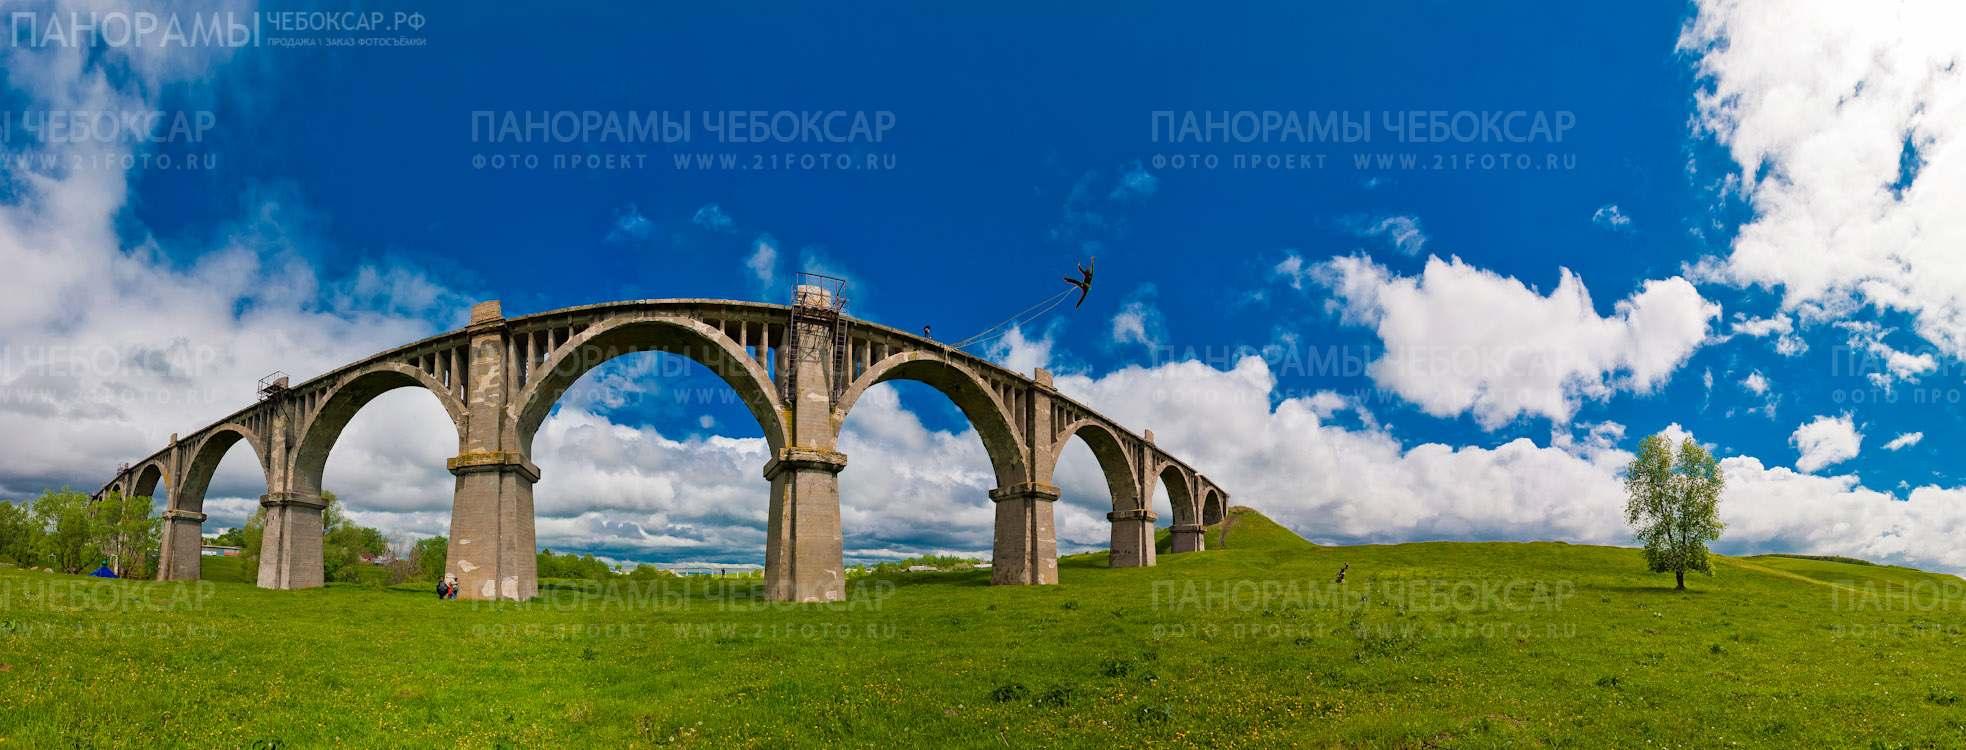 Фото Железнодорожного моста в Канашском районе Чувашской республики